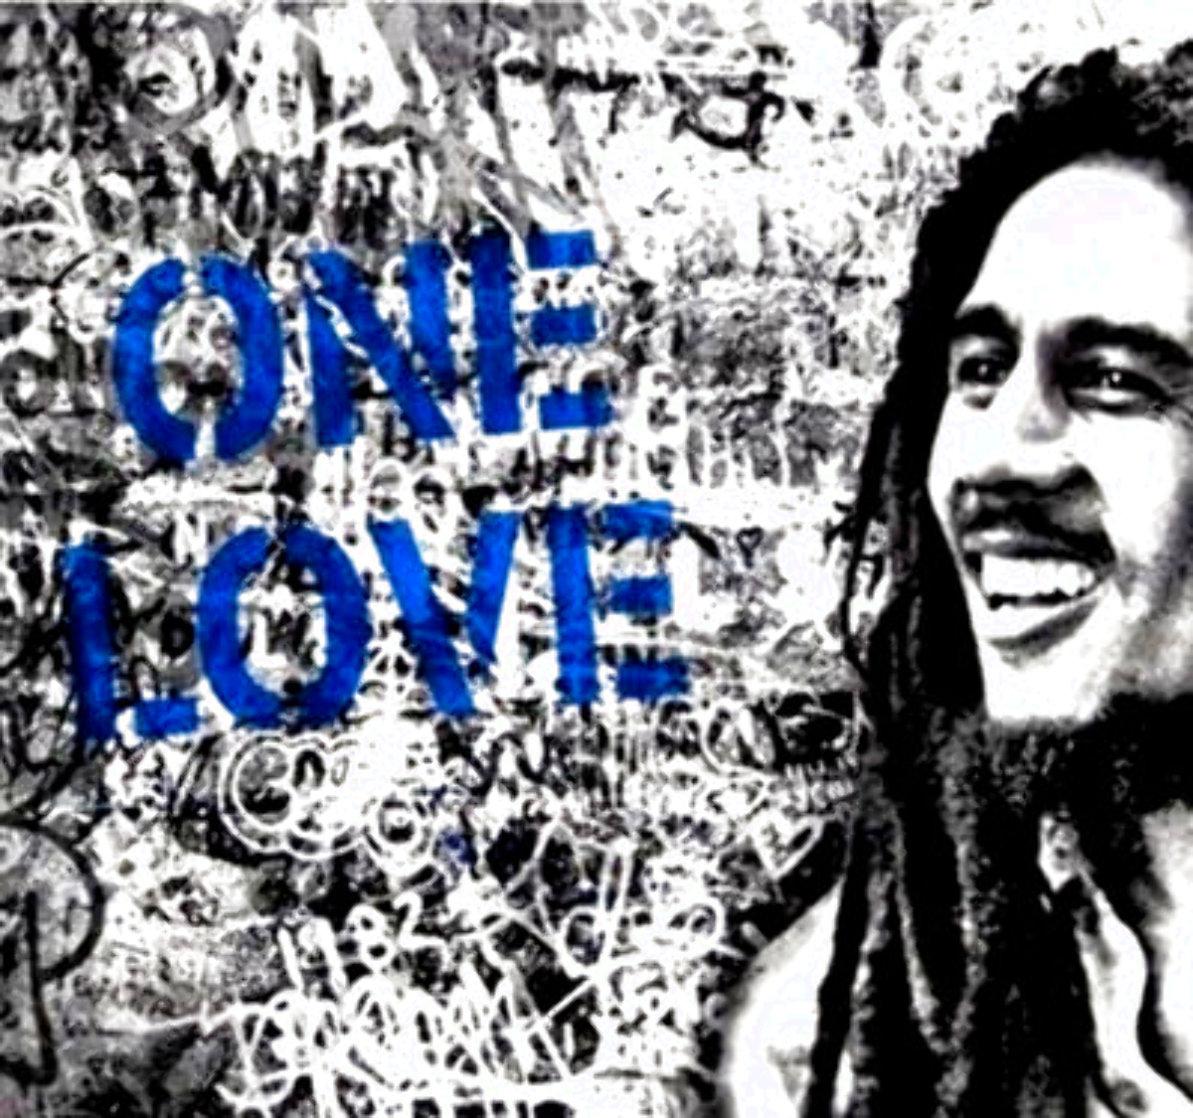 Happy Birthday Bob Marley 2019 Limited Edition Print by Mr. Brainwash